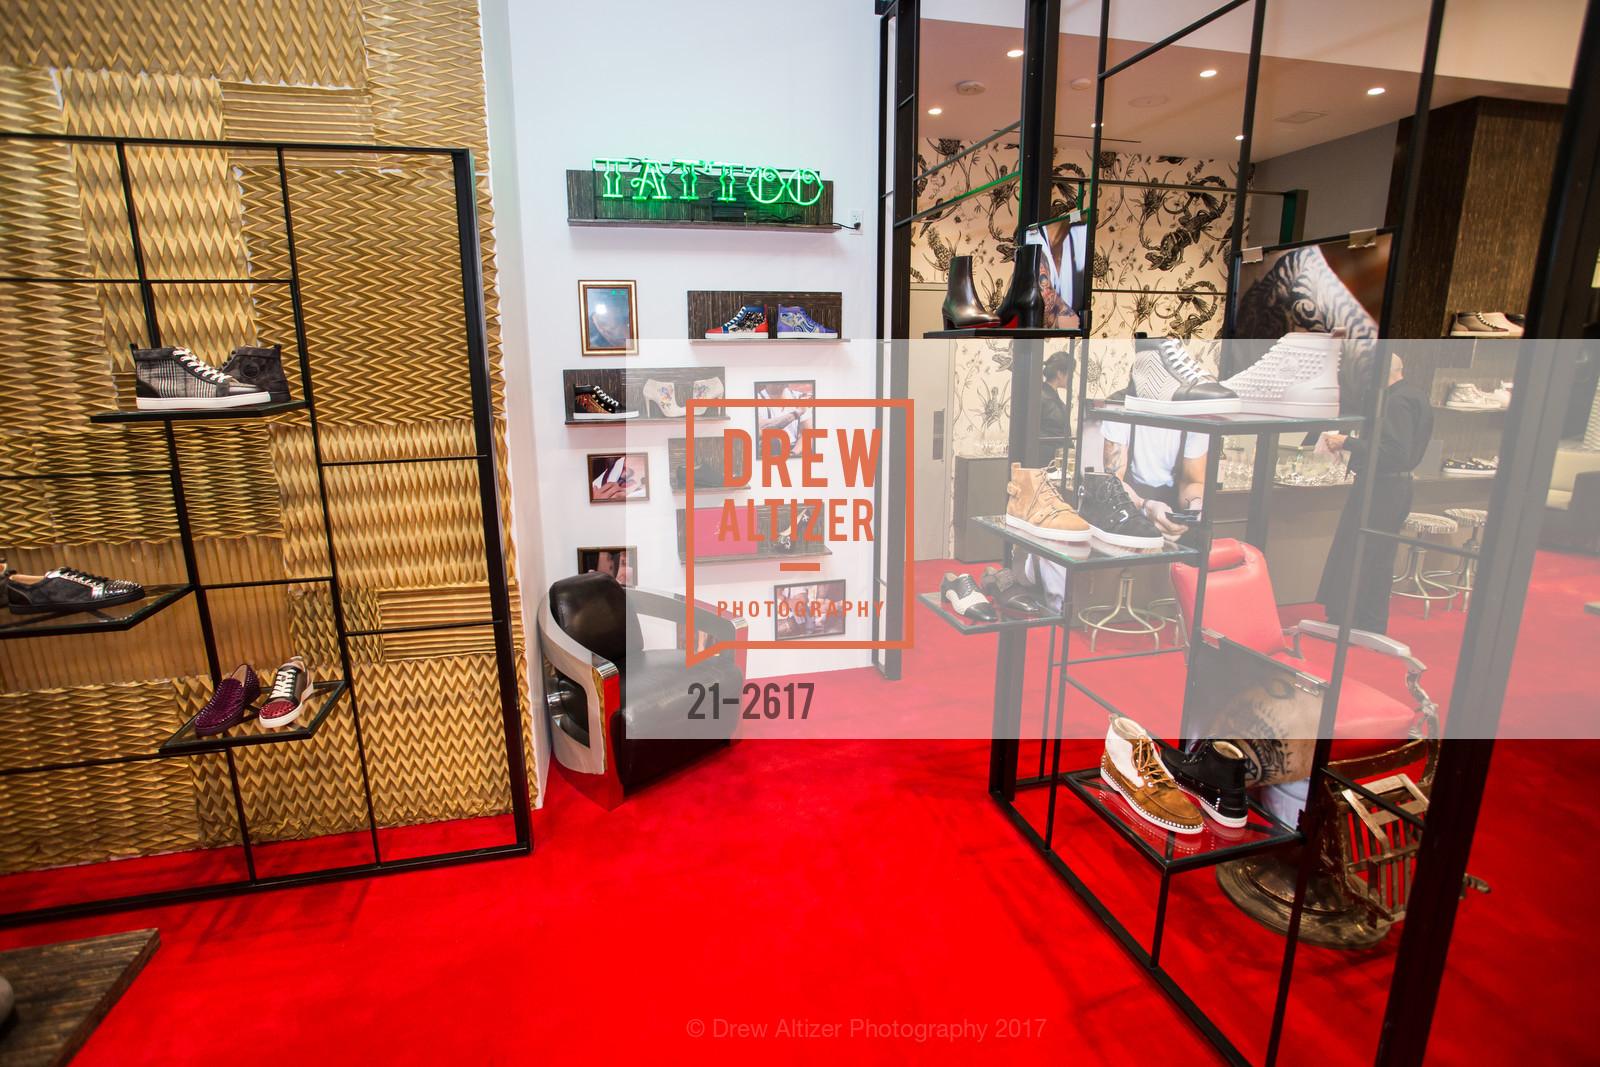 nouveau produit 93cb8 32dff Atmosphere at Christian Louboutin at his San Francisco Boutique